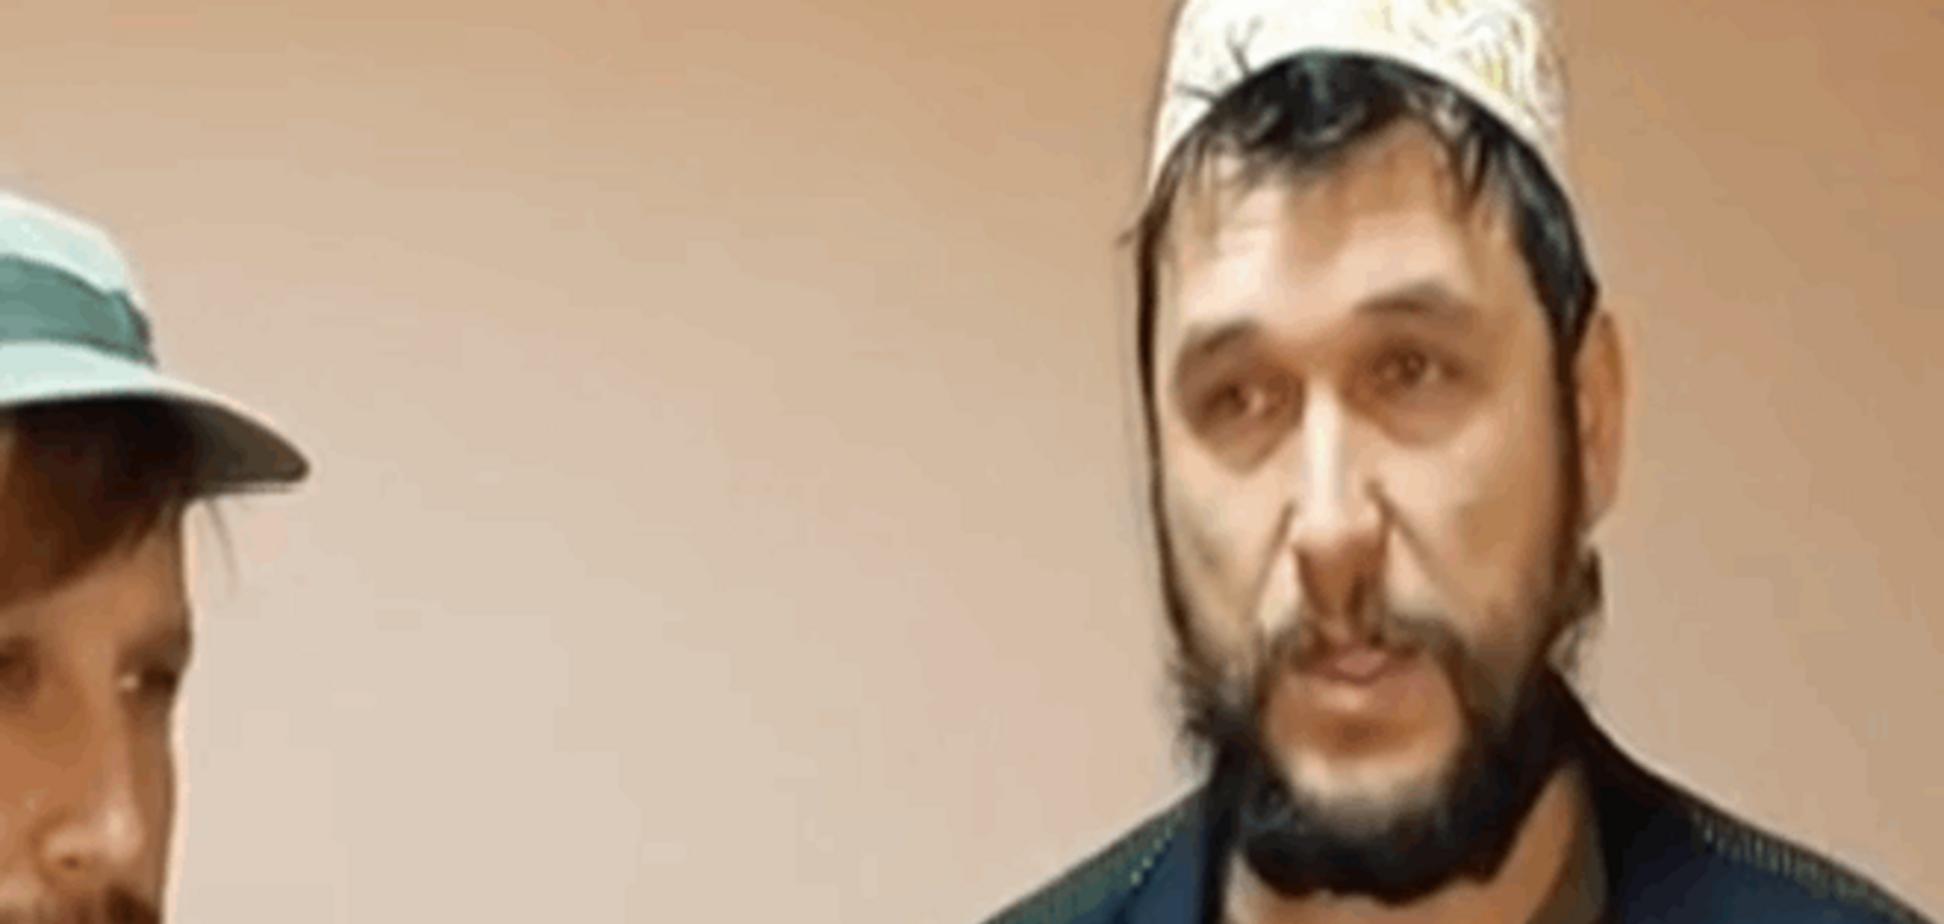 Виживший екс-соратник Захарченко розповів про улюблені тортури 'ДНР': відео-зізнання